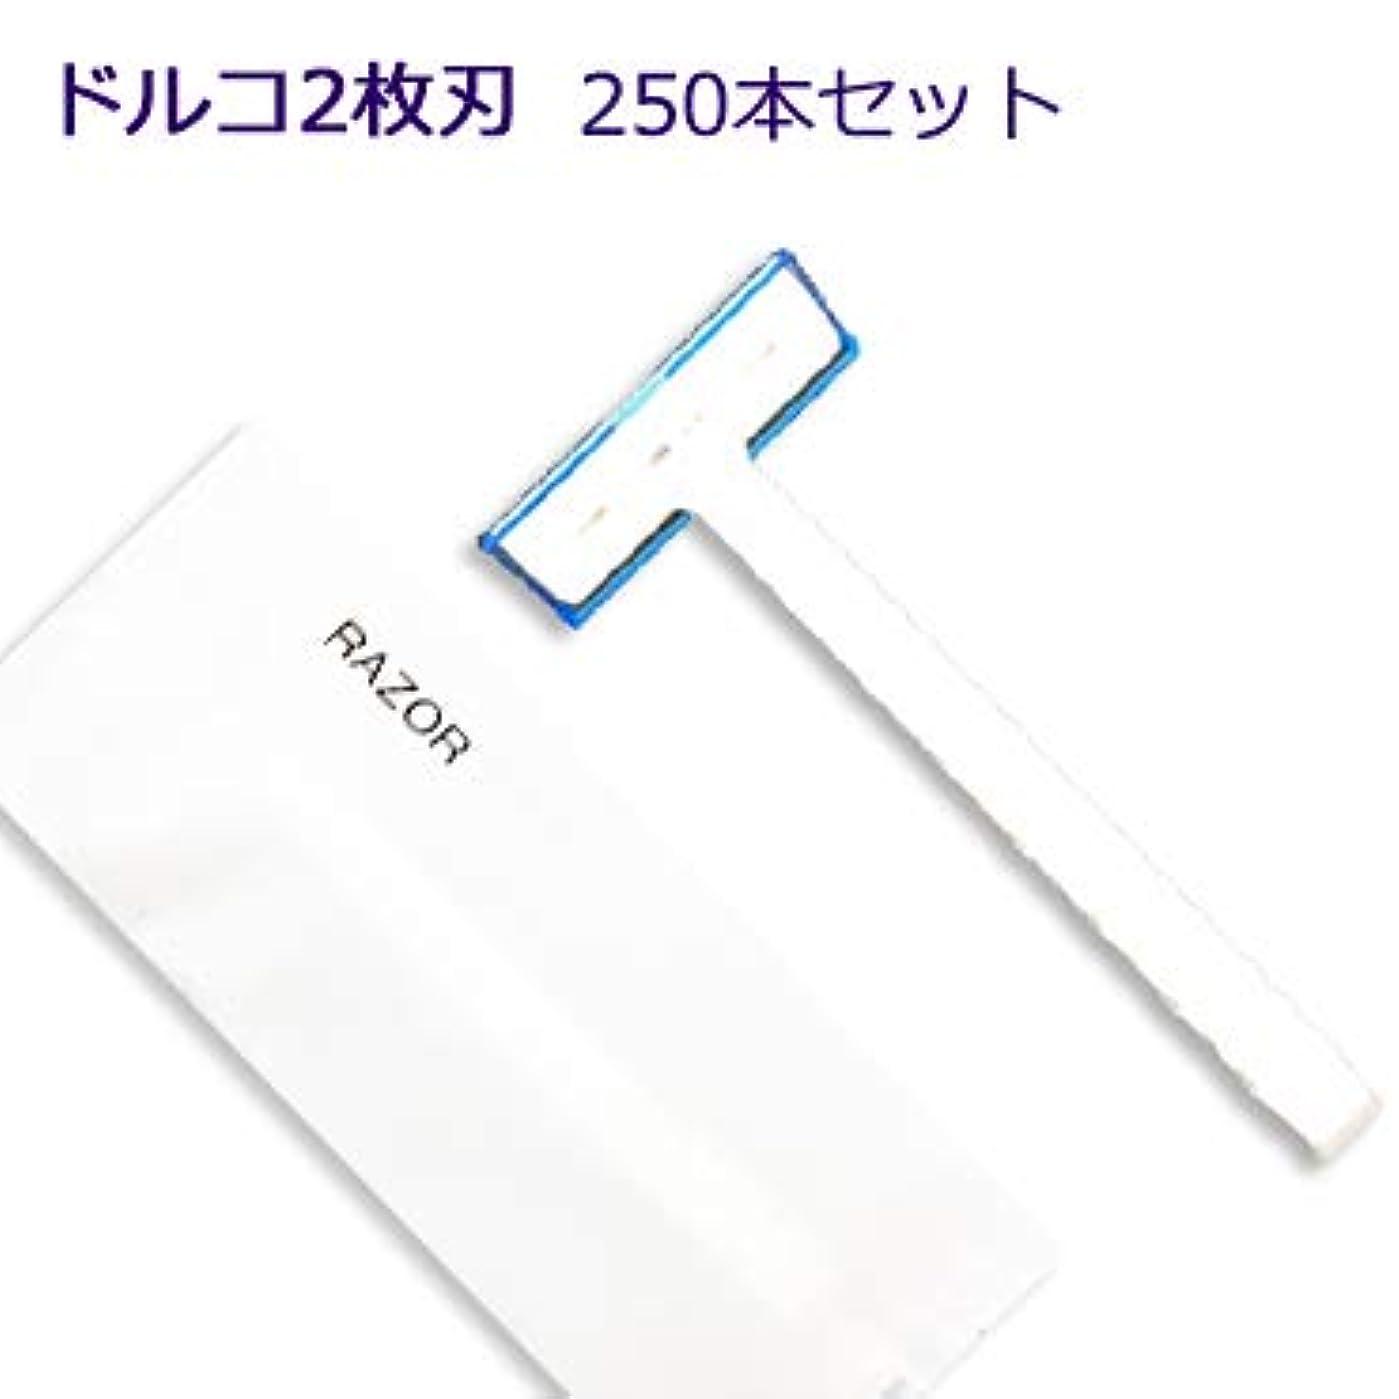 取り付けチャンピオンシップ薬剤師ホテル業務用 カミソリ マットシリーズ ドルコ 2枚刃 (1セット250個入)